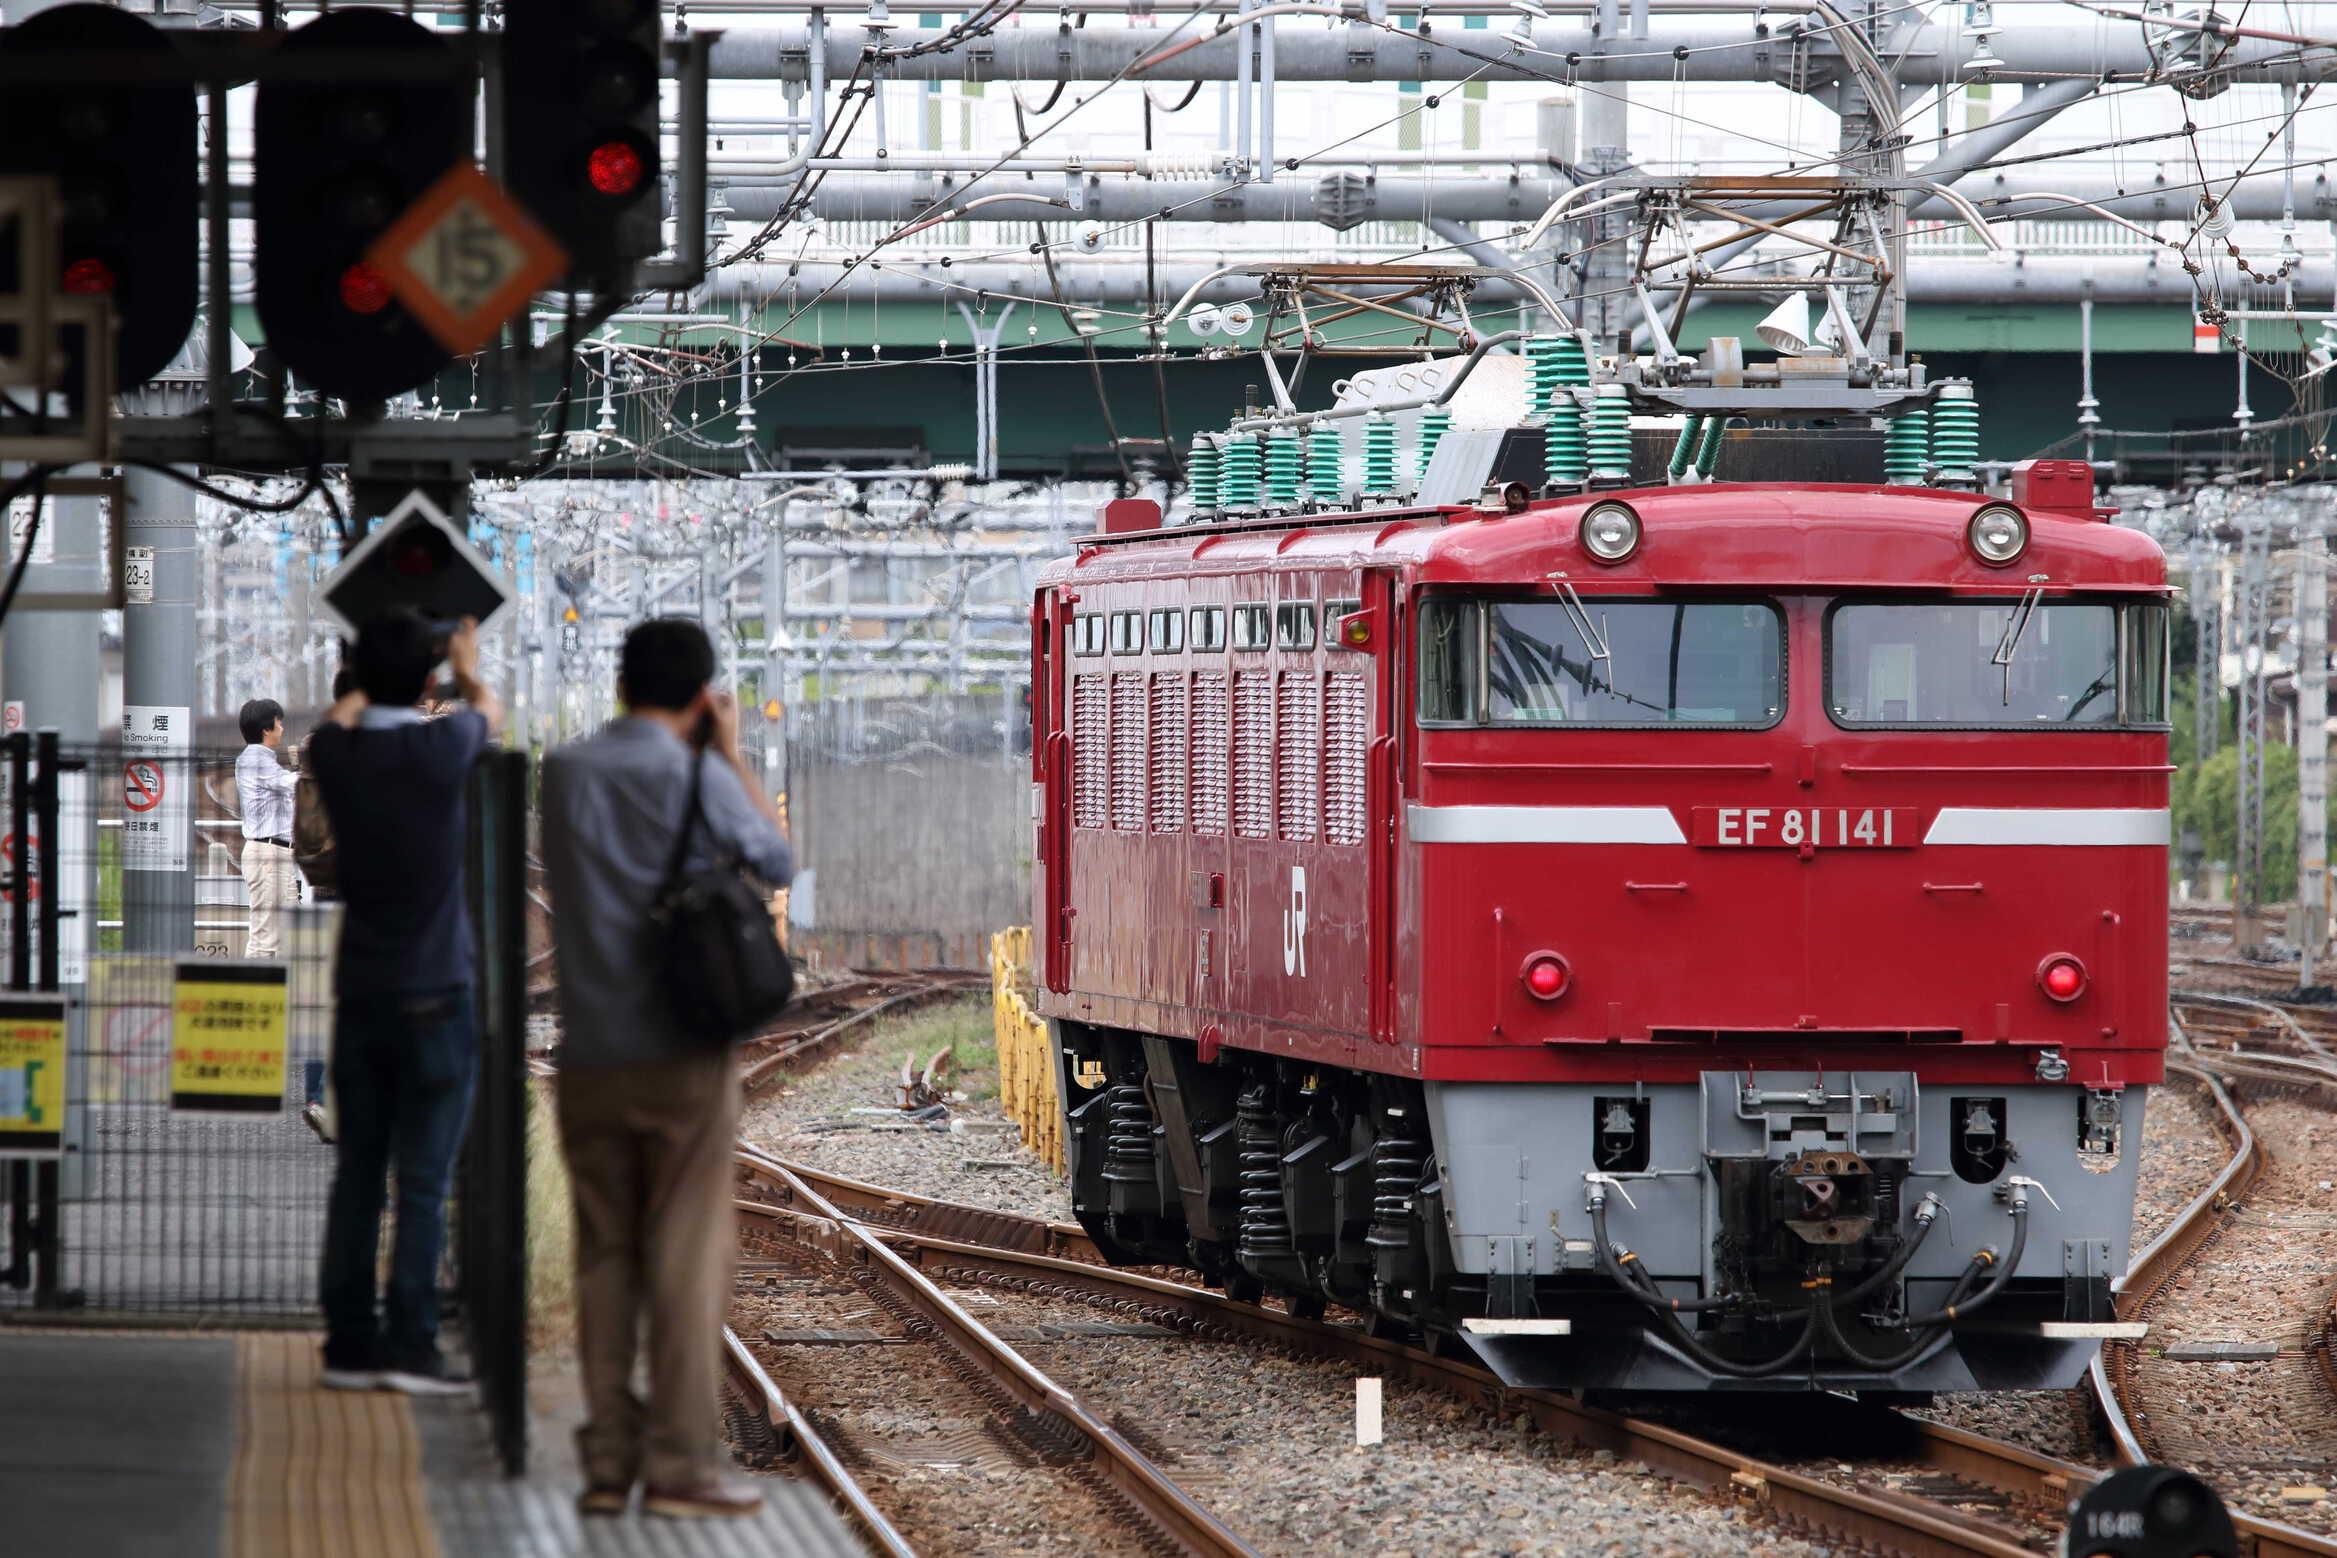 単9726列車〜単9133列車 KY出場牽引機送り込み EF81-141[長岡]<臨A450>(コリ方②)